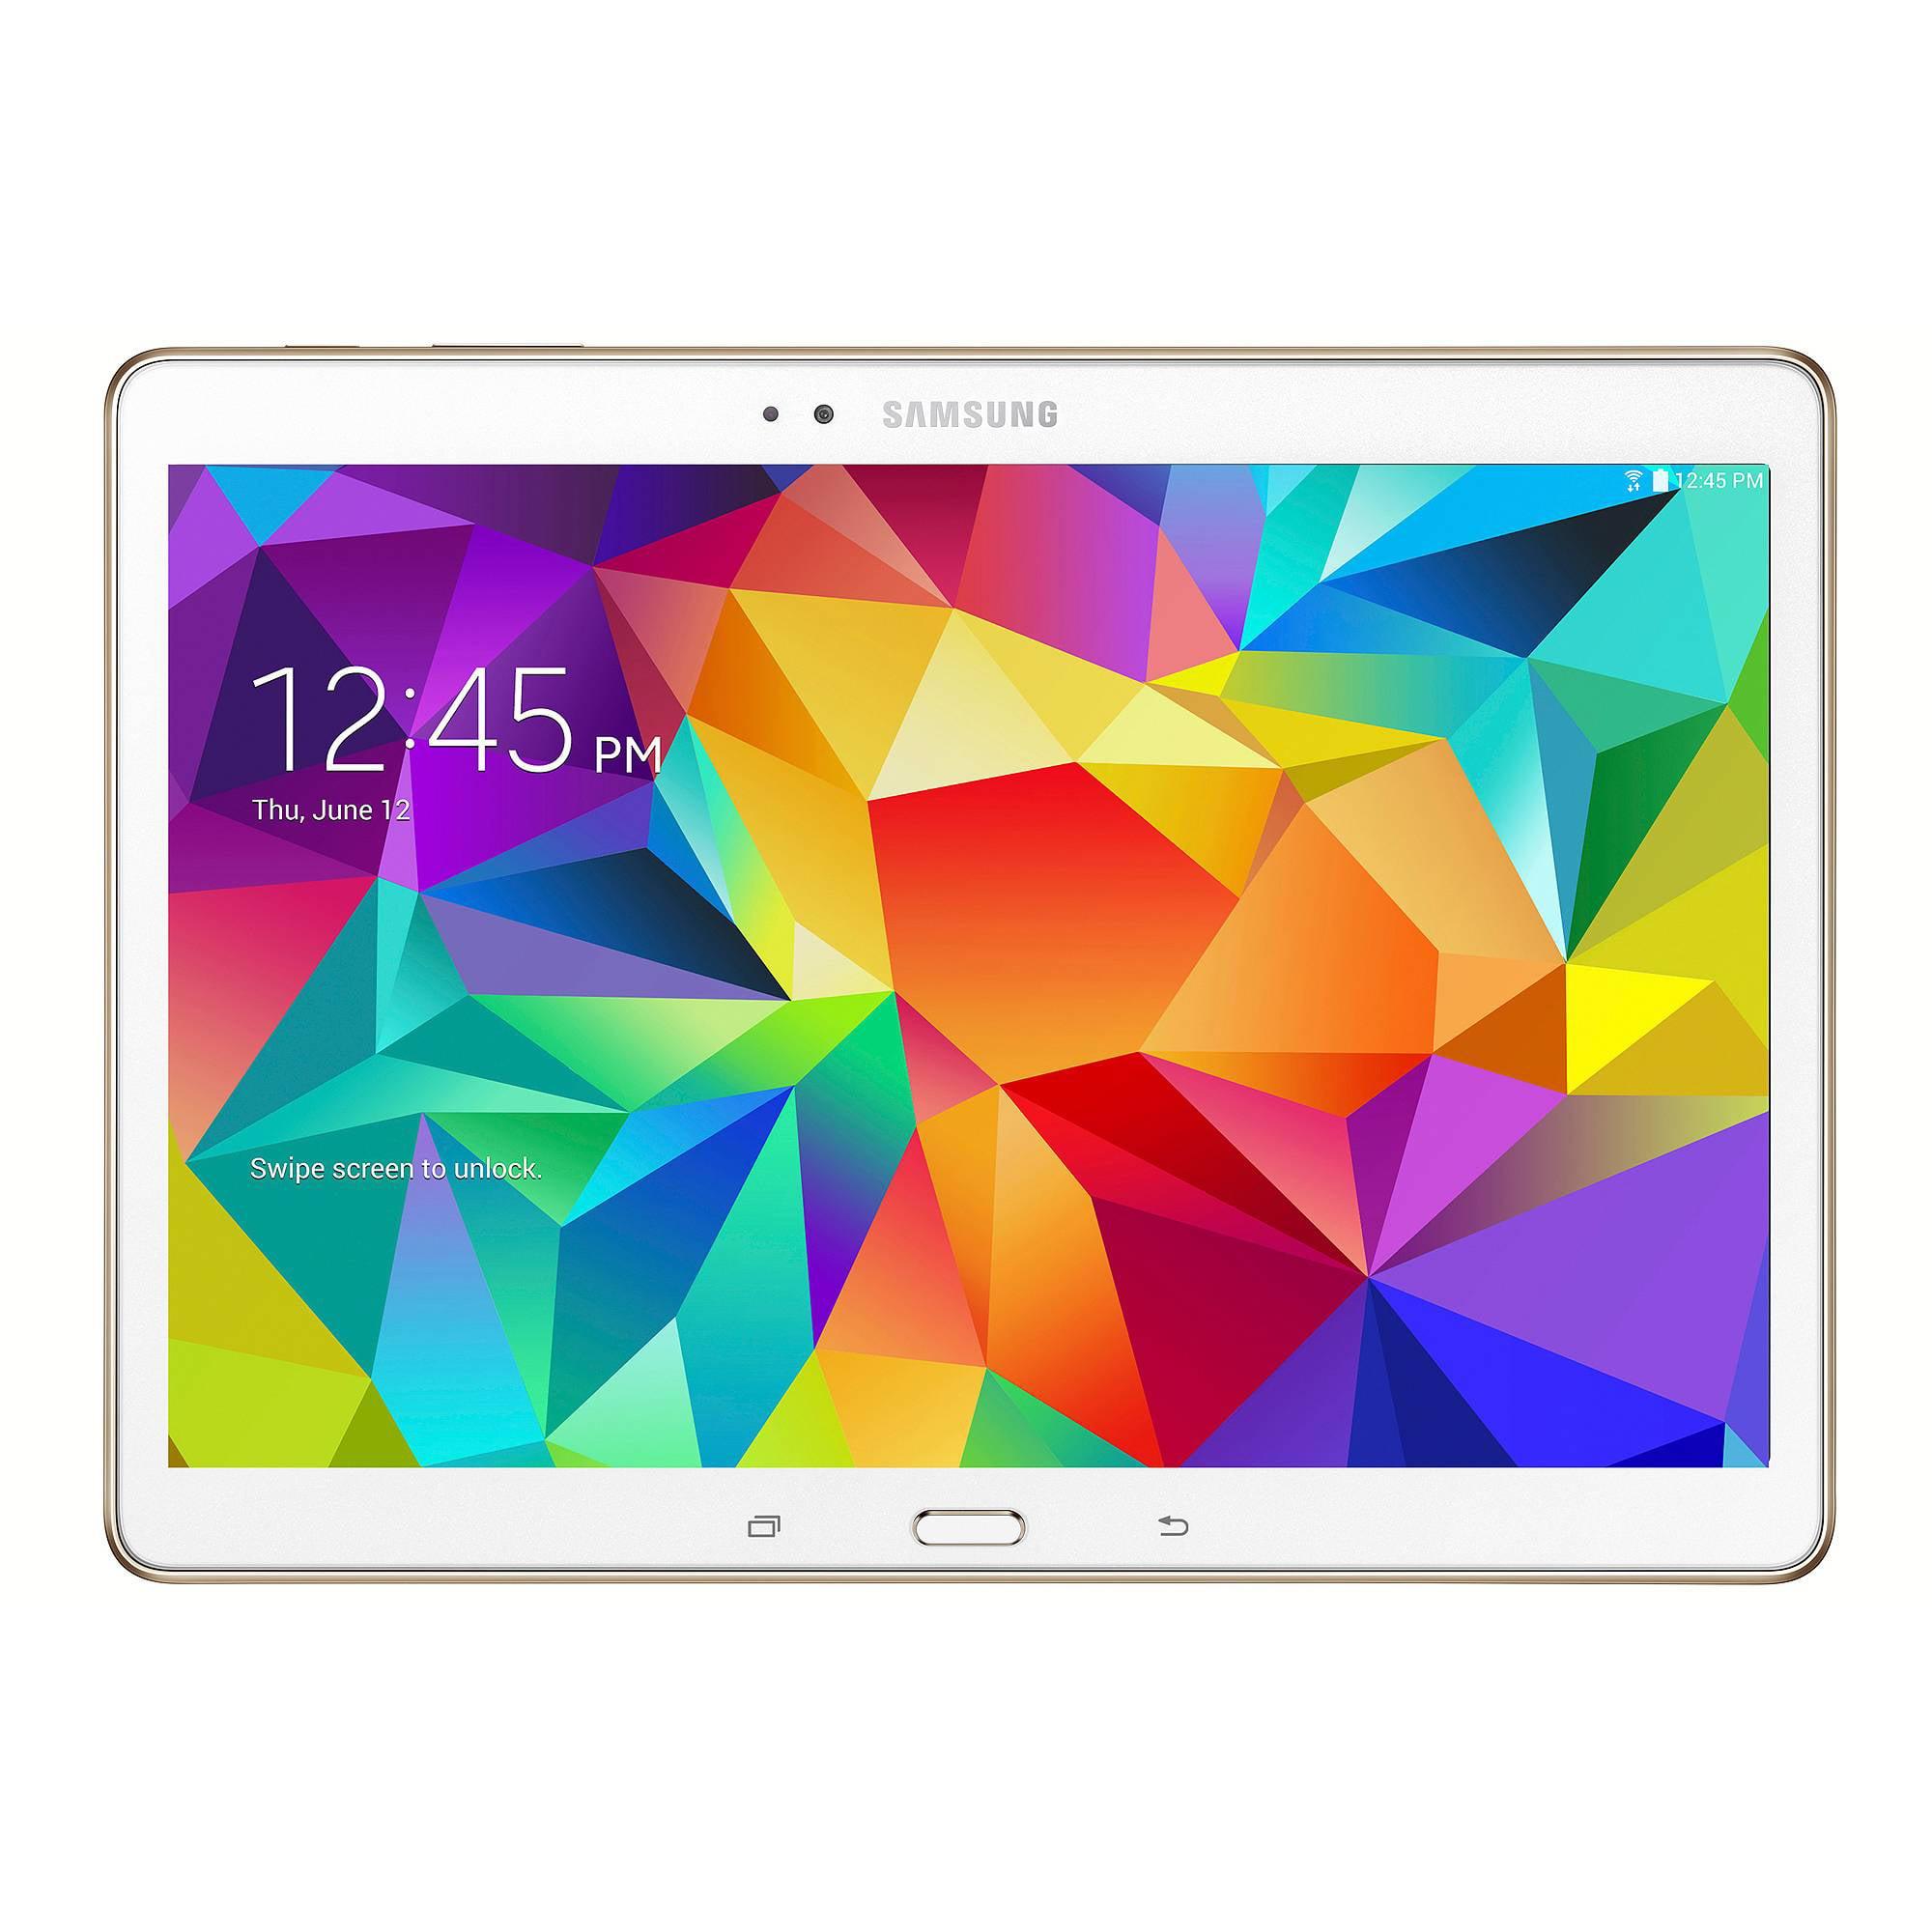 SAMSUNG Galaxy Tab S Android Tablet SM-T807V 10 5